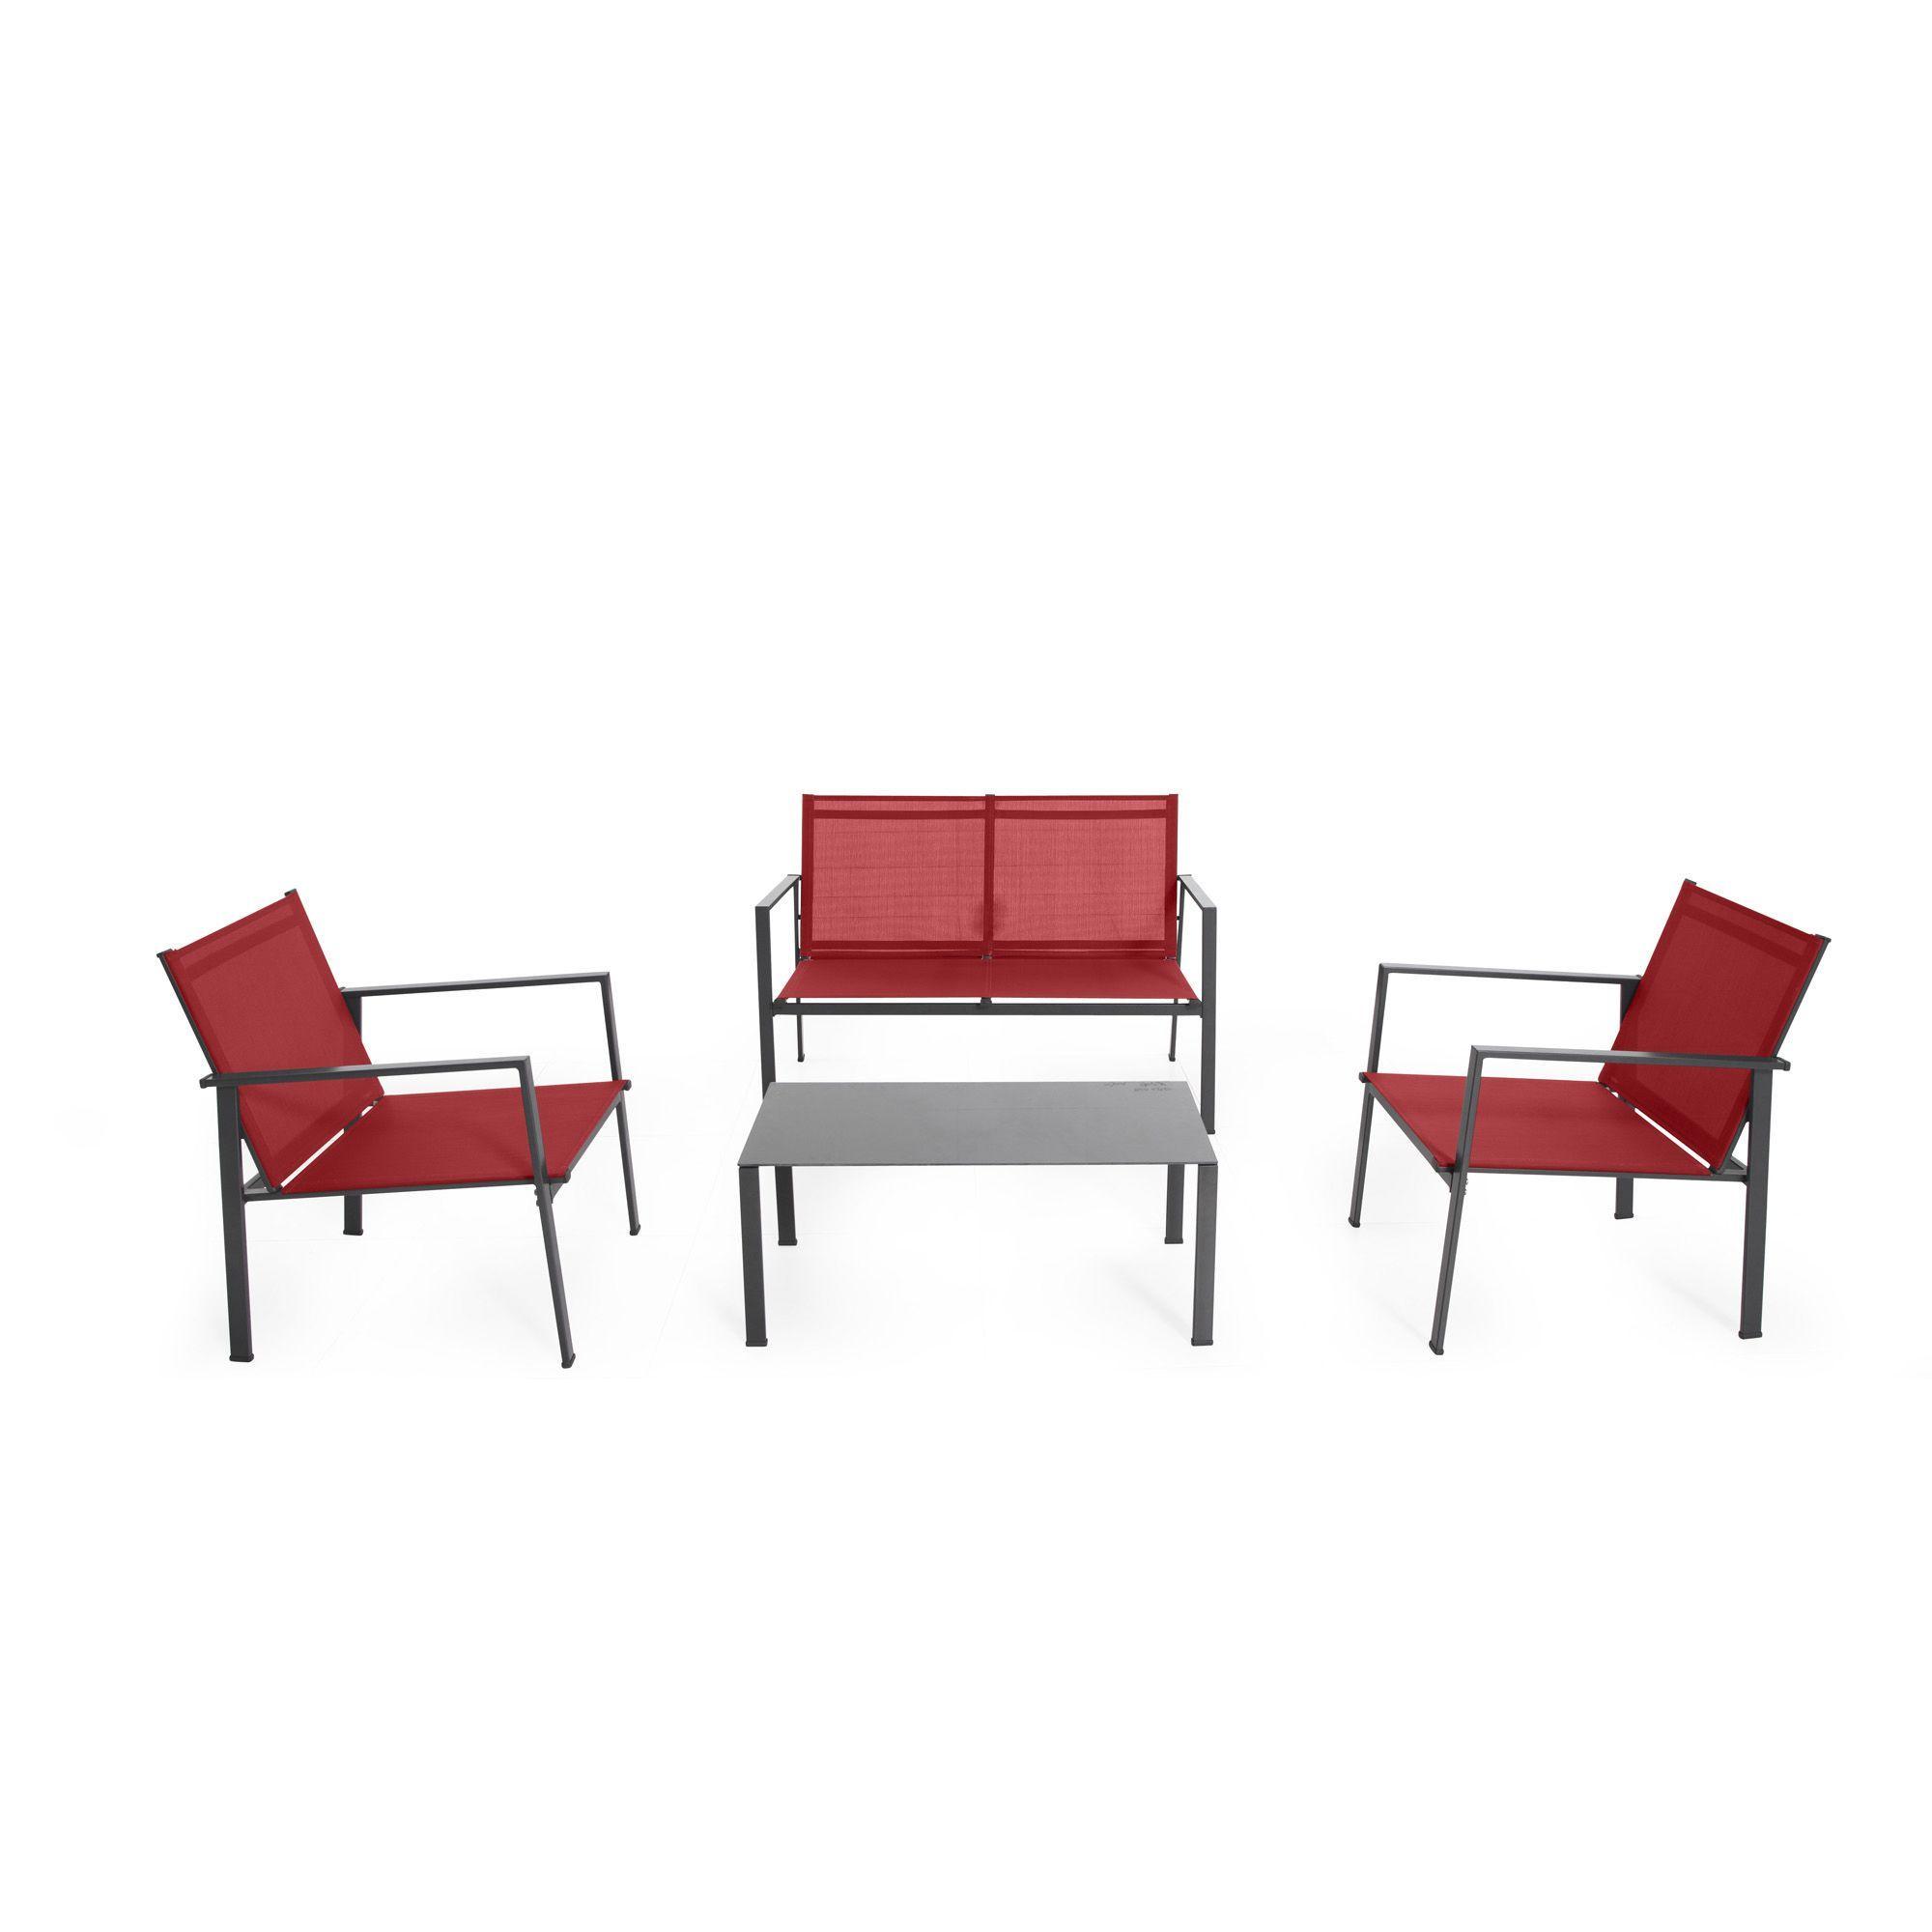 Salon De Jardin 4 Éléments Rouge - Sofia - Les Canapés Et ... tout Salon De Jardin Rouge